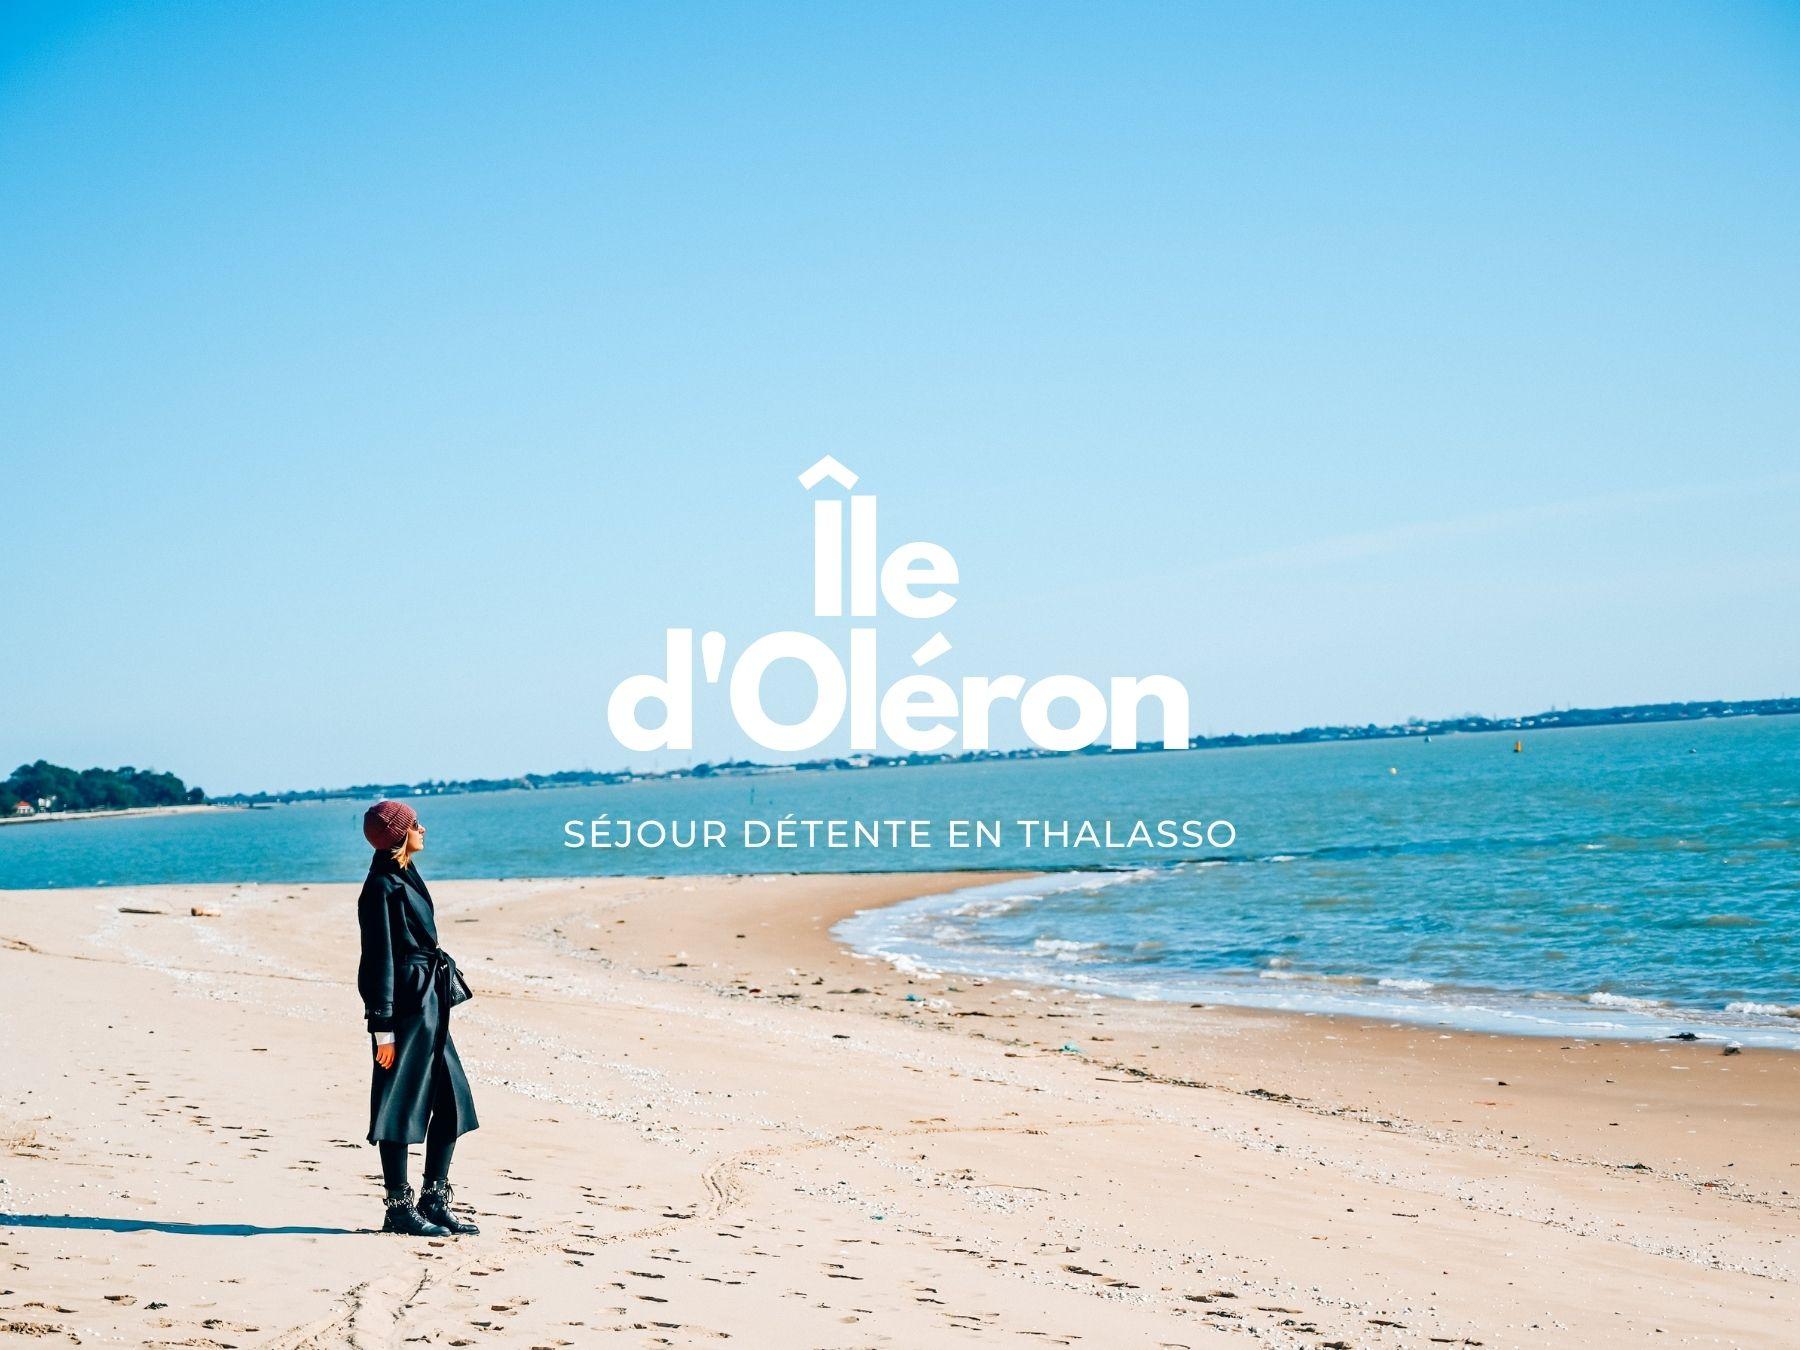 Thalasso Ile d'Oléron